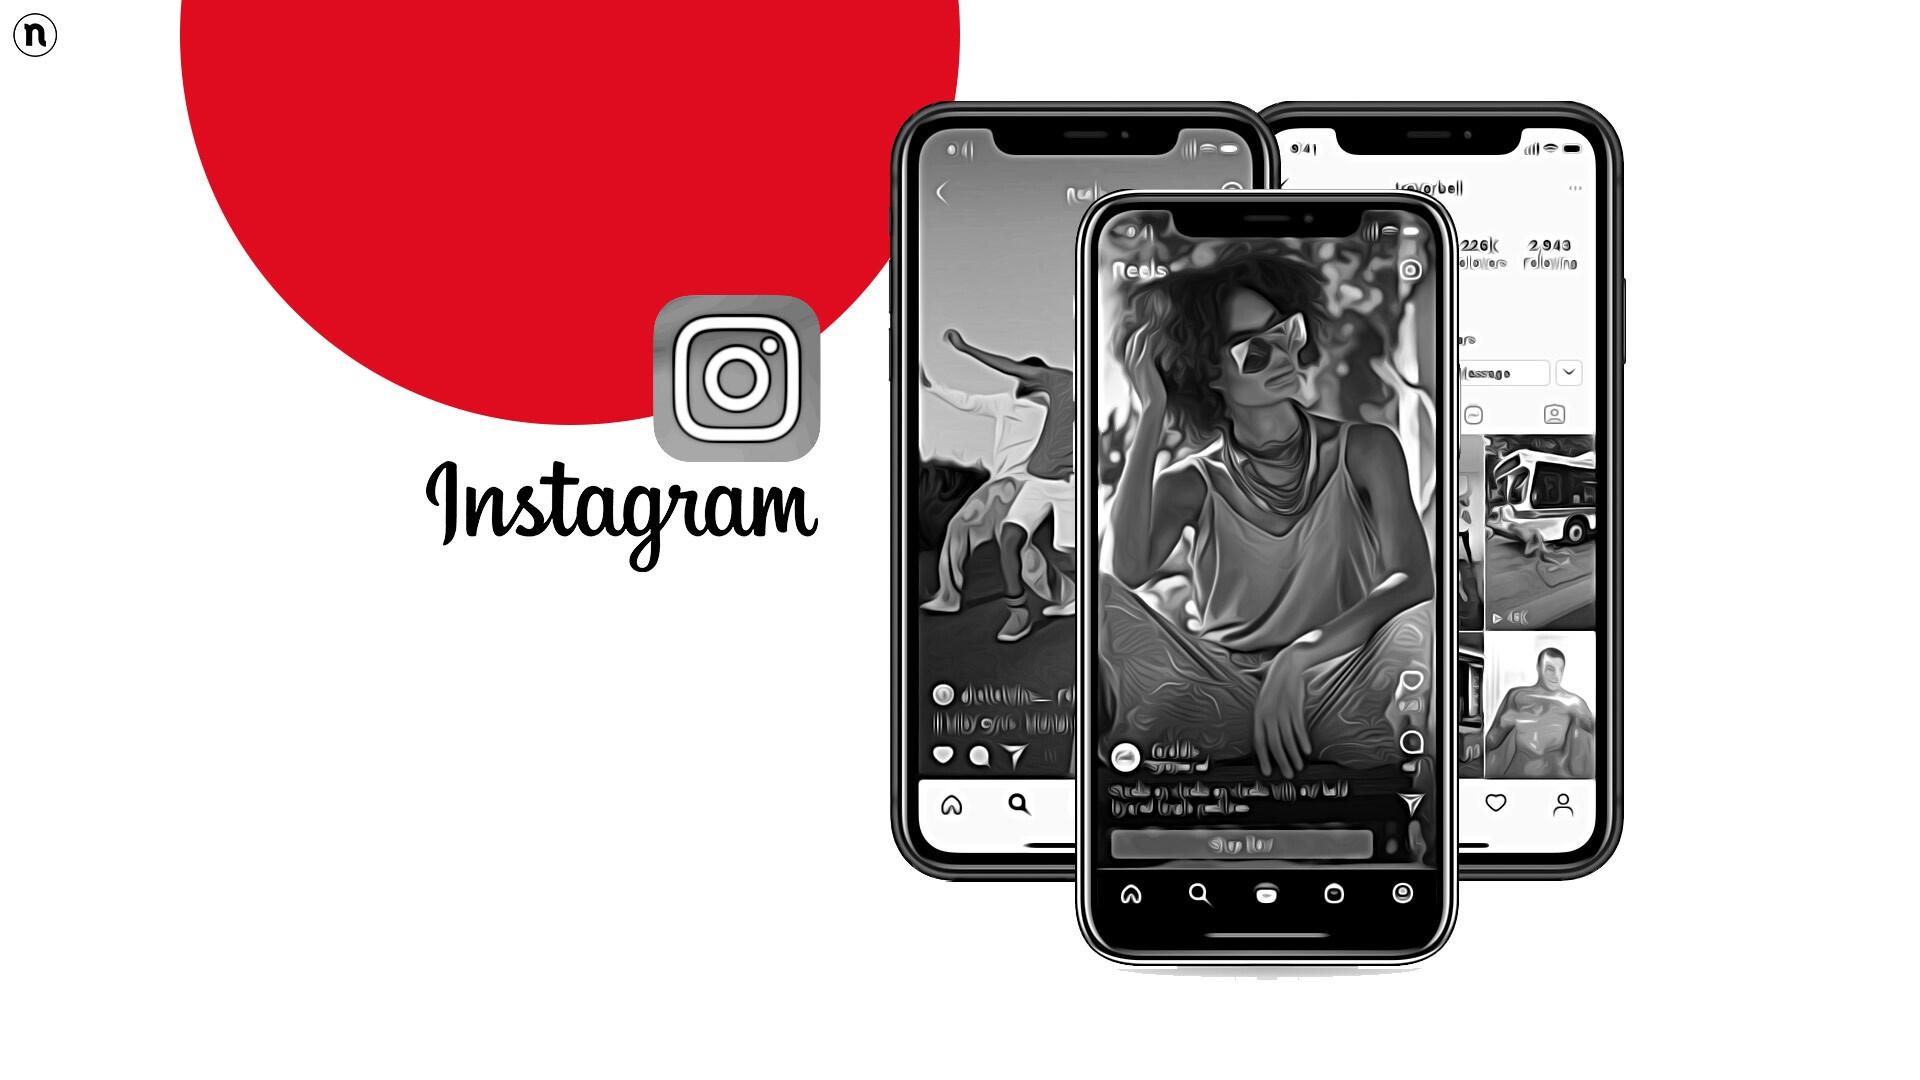 Novità Instagram: arrivano le inserzioni di Reels